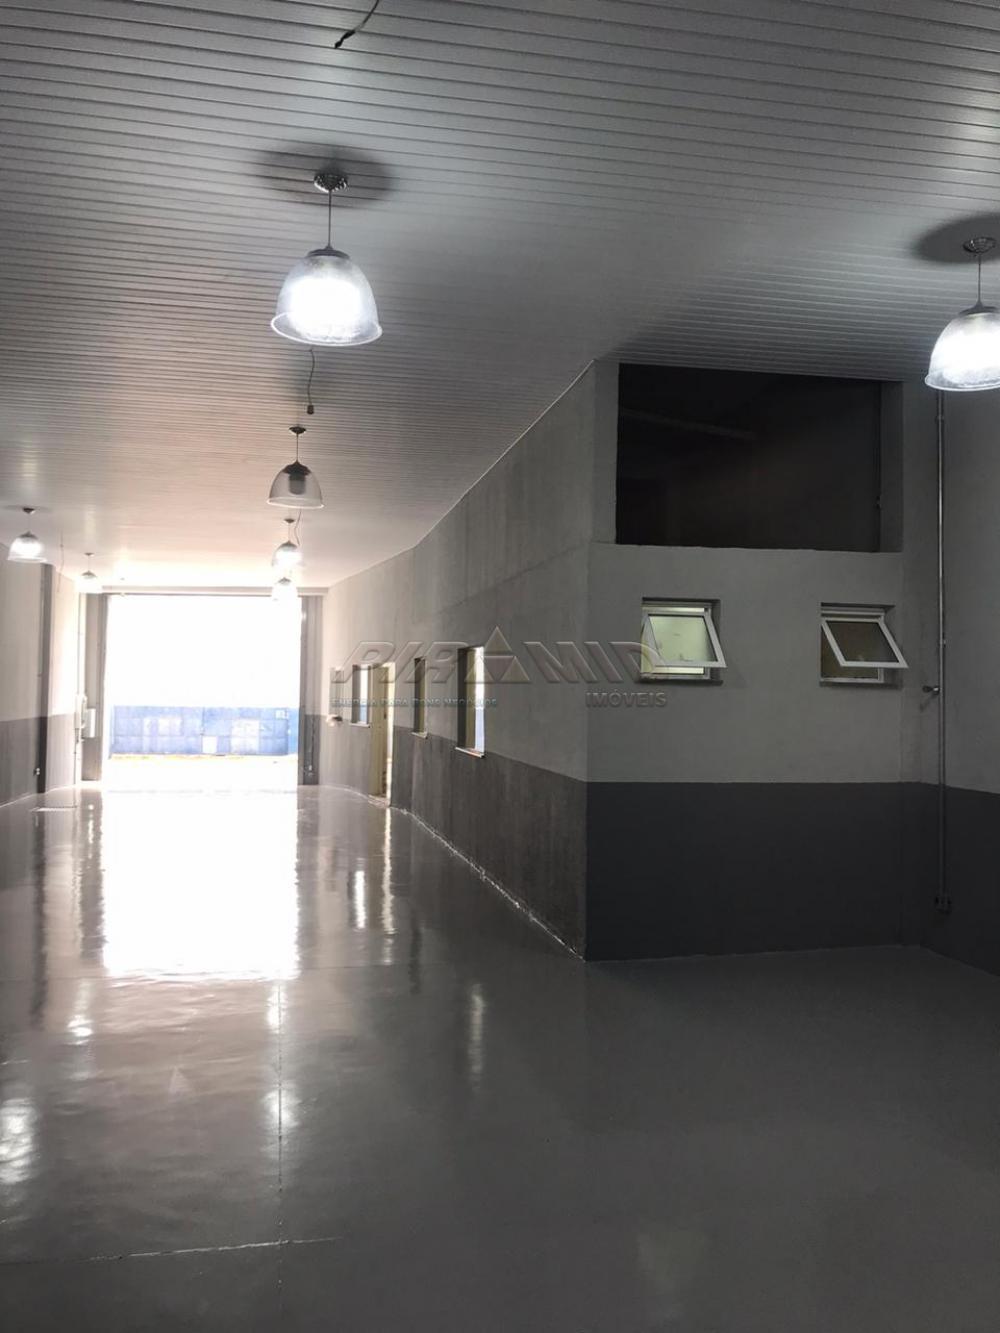 Alugar Comercial / Salão em Ribeirão Preto apenas R$ 5.600,00 - Foto 9